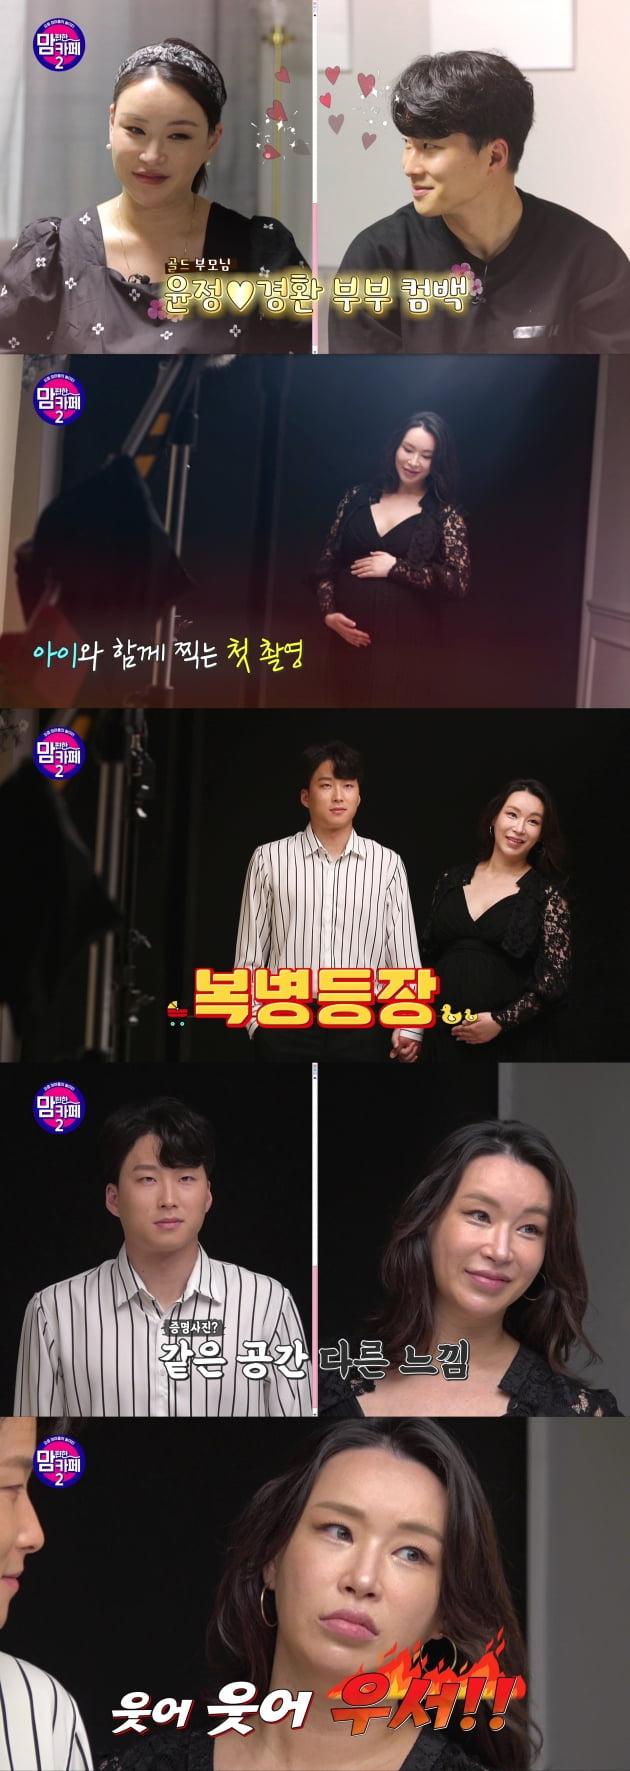 """'맘카페2' 배윤정, 만삭 화보 앞두고 살찐 몸 걱정 """"내 몸이 이래서..."""""""